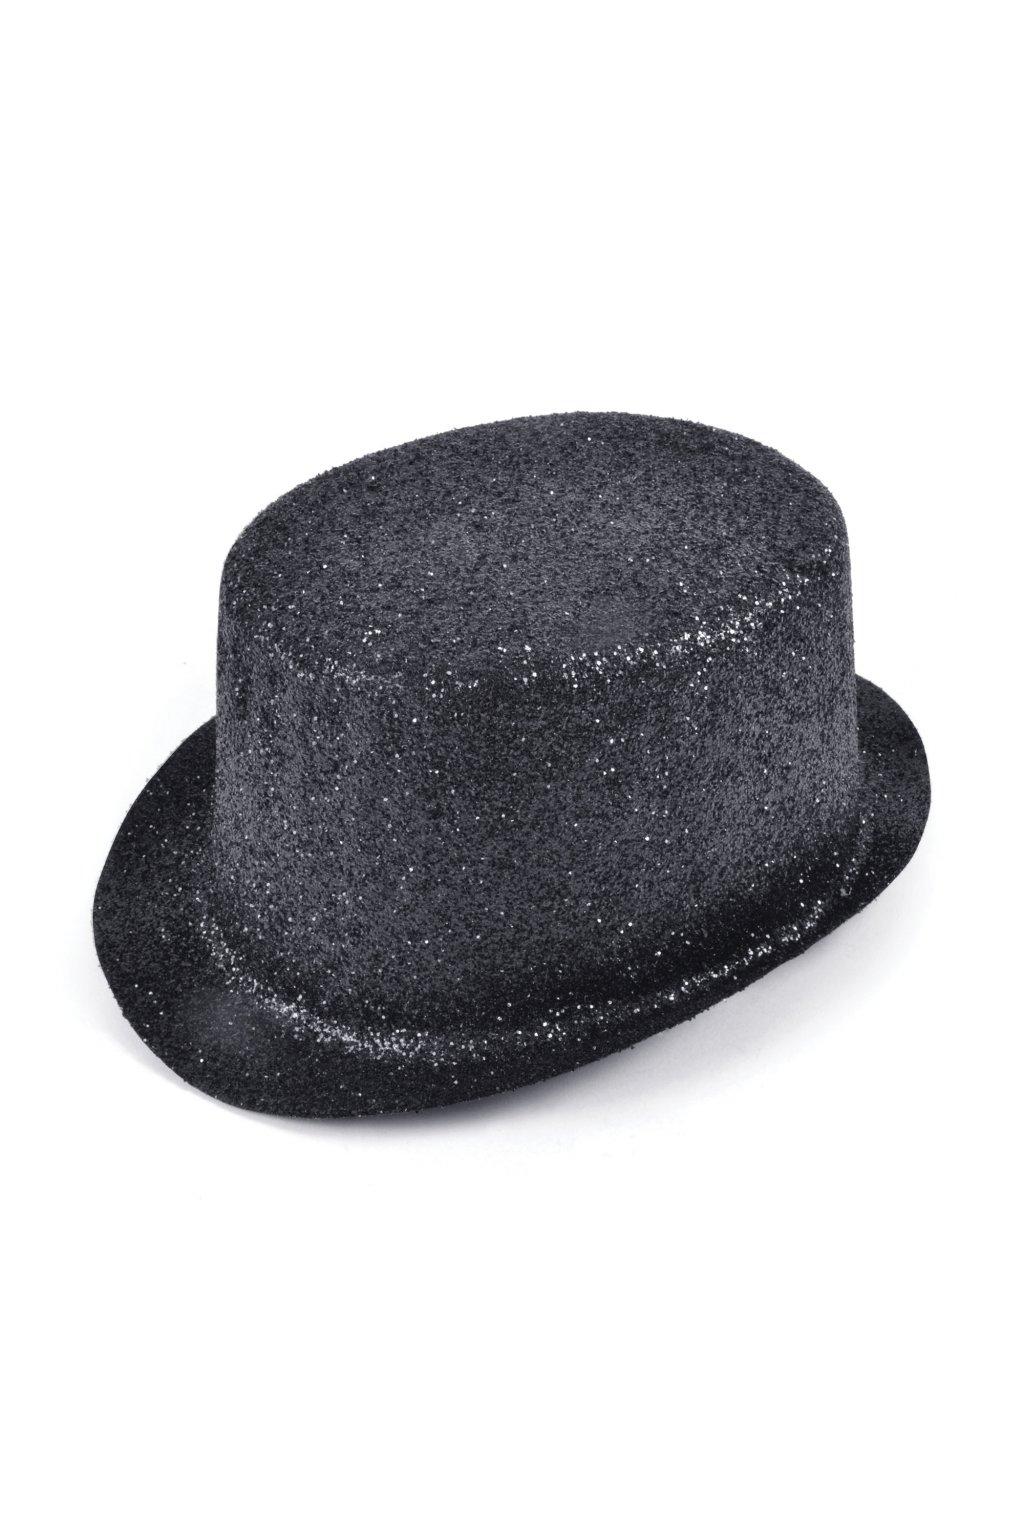 Párty klobouk - cylindr černý